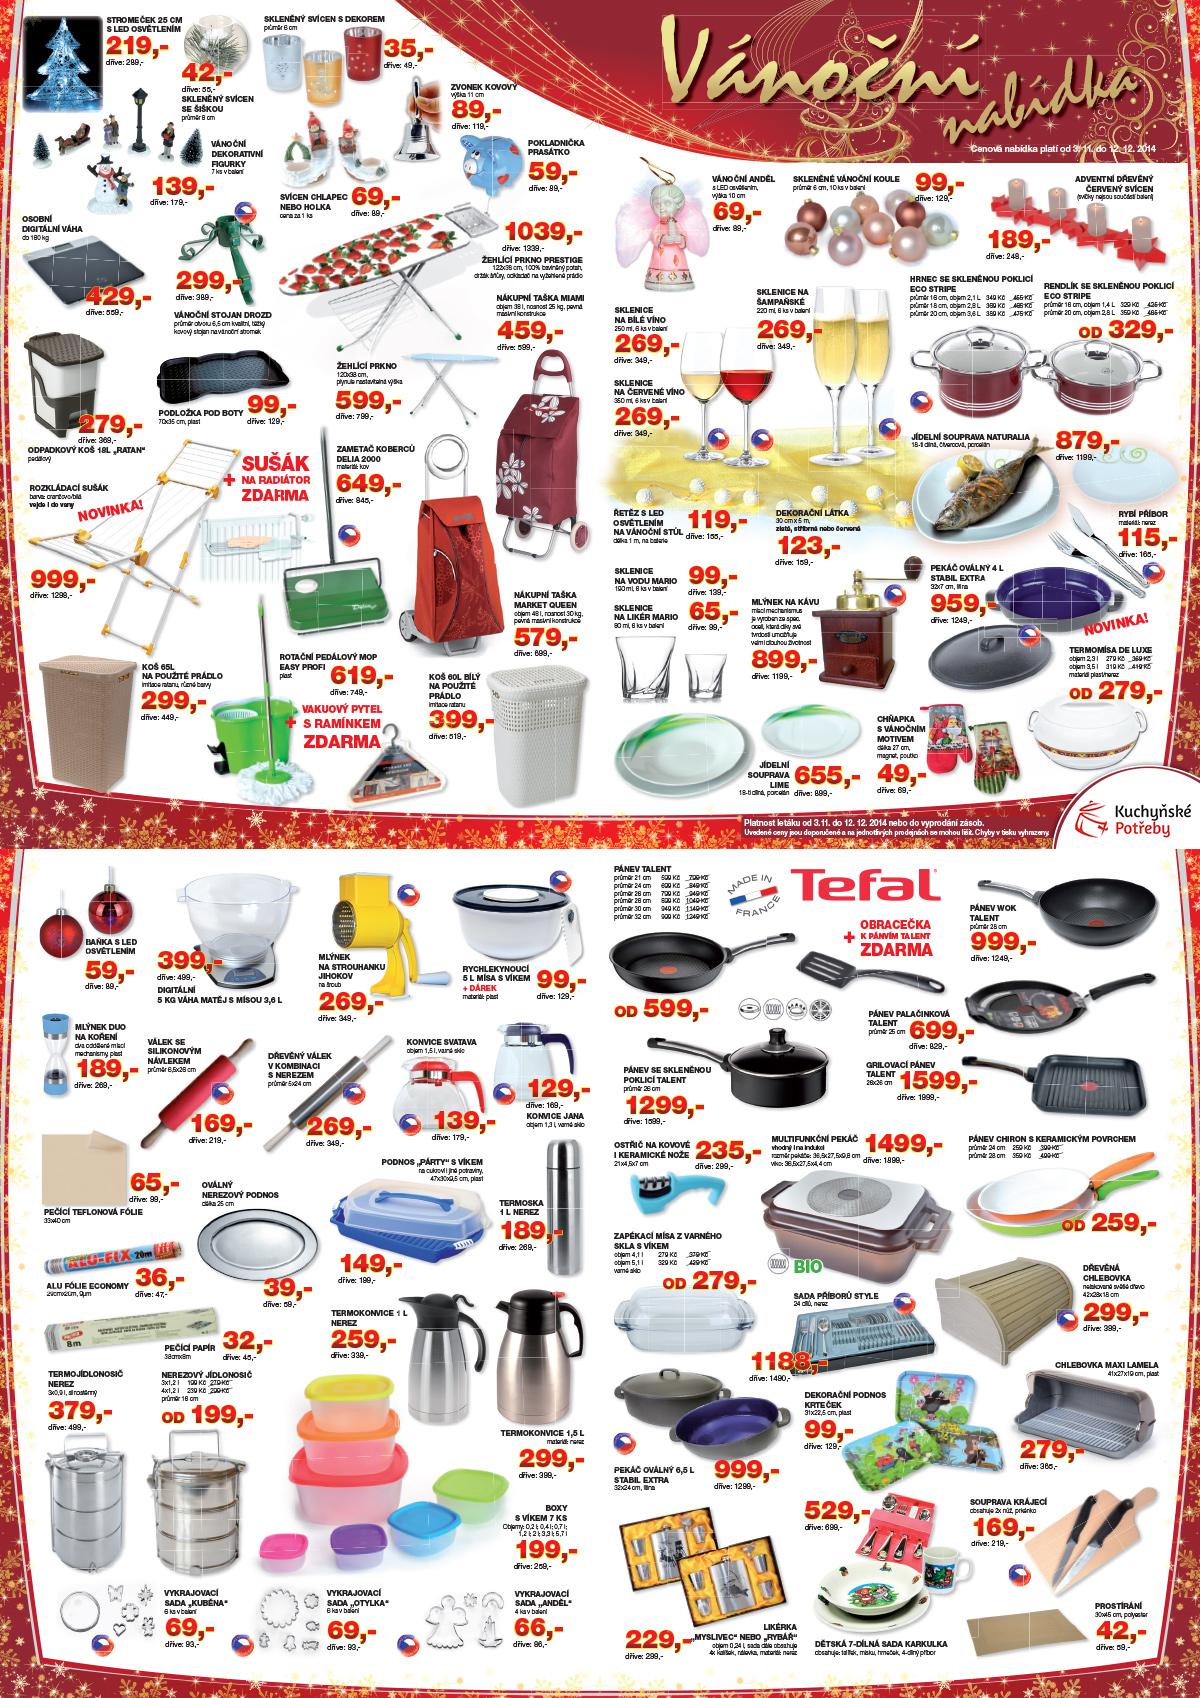 Akční vánoční zboží - nakupte vánoční dekorace a dárky nejlevněji!